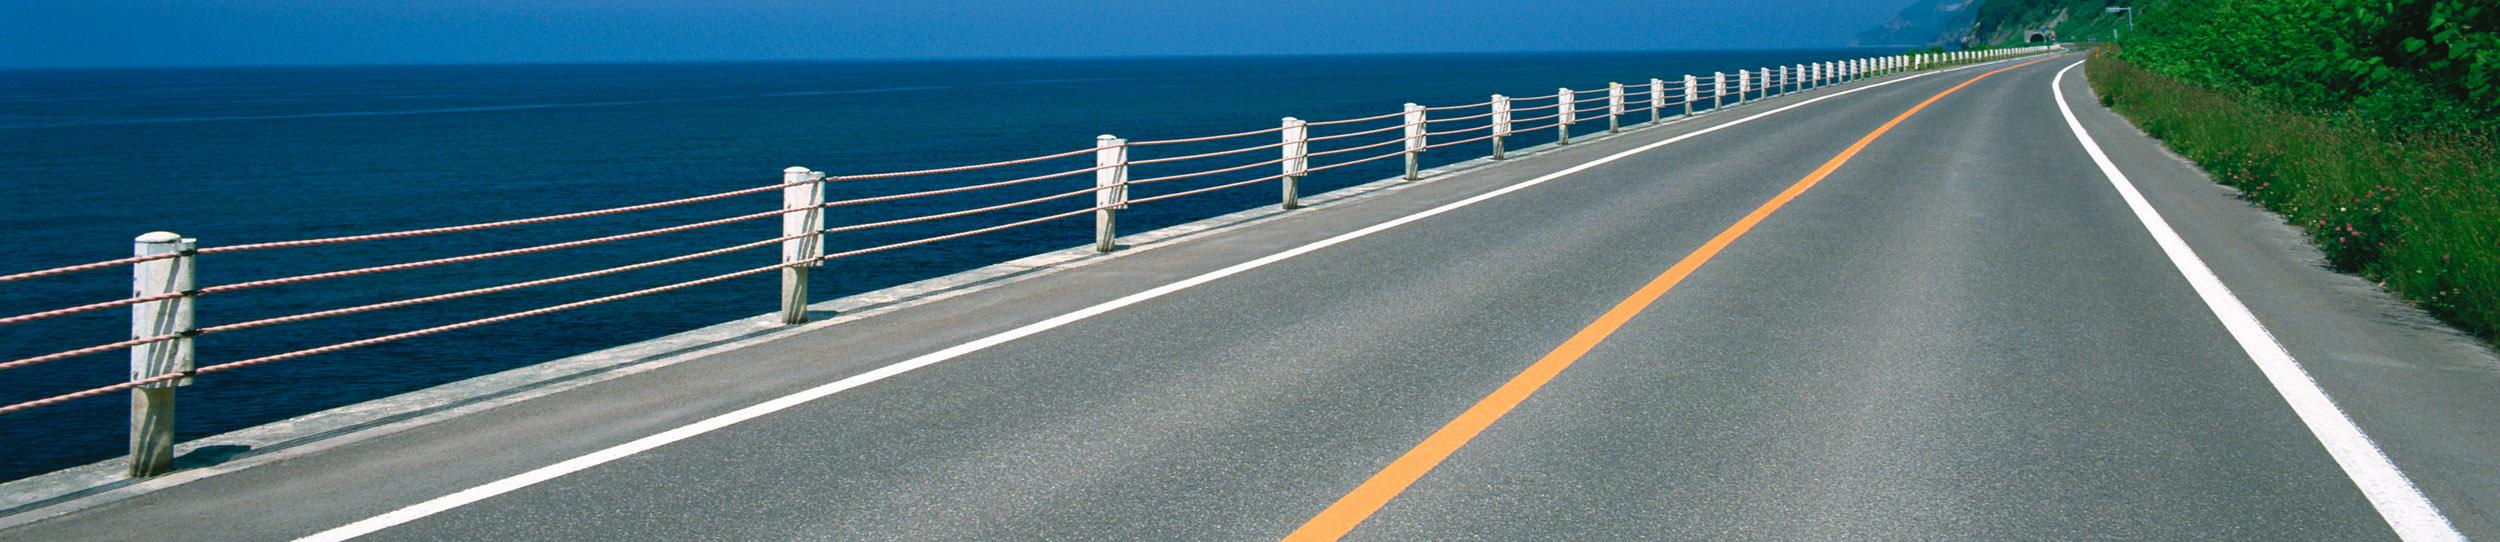 路面標示材・カラー路面標示材   交通安全対策製品   積水樹脂株式会社